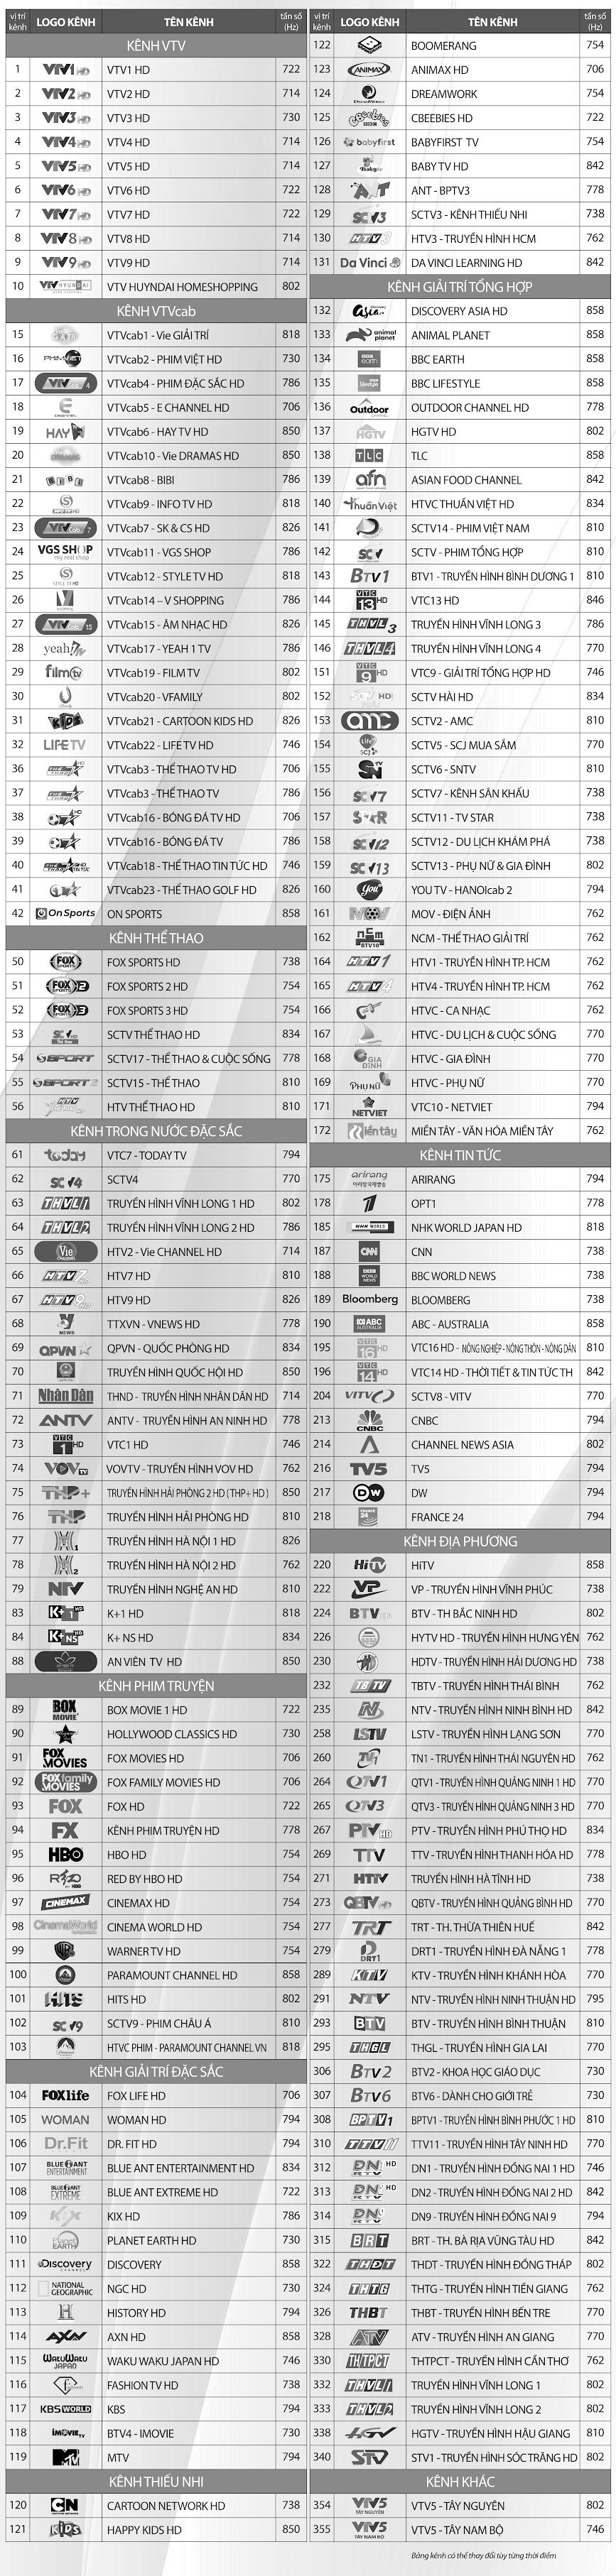 Danh sách kênh truyền hình số HD gói Đỉnh